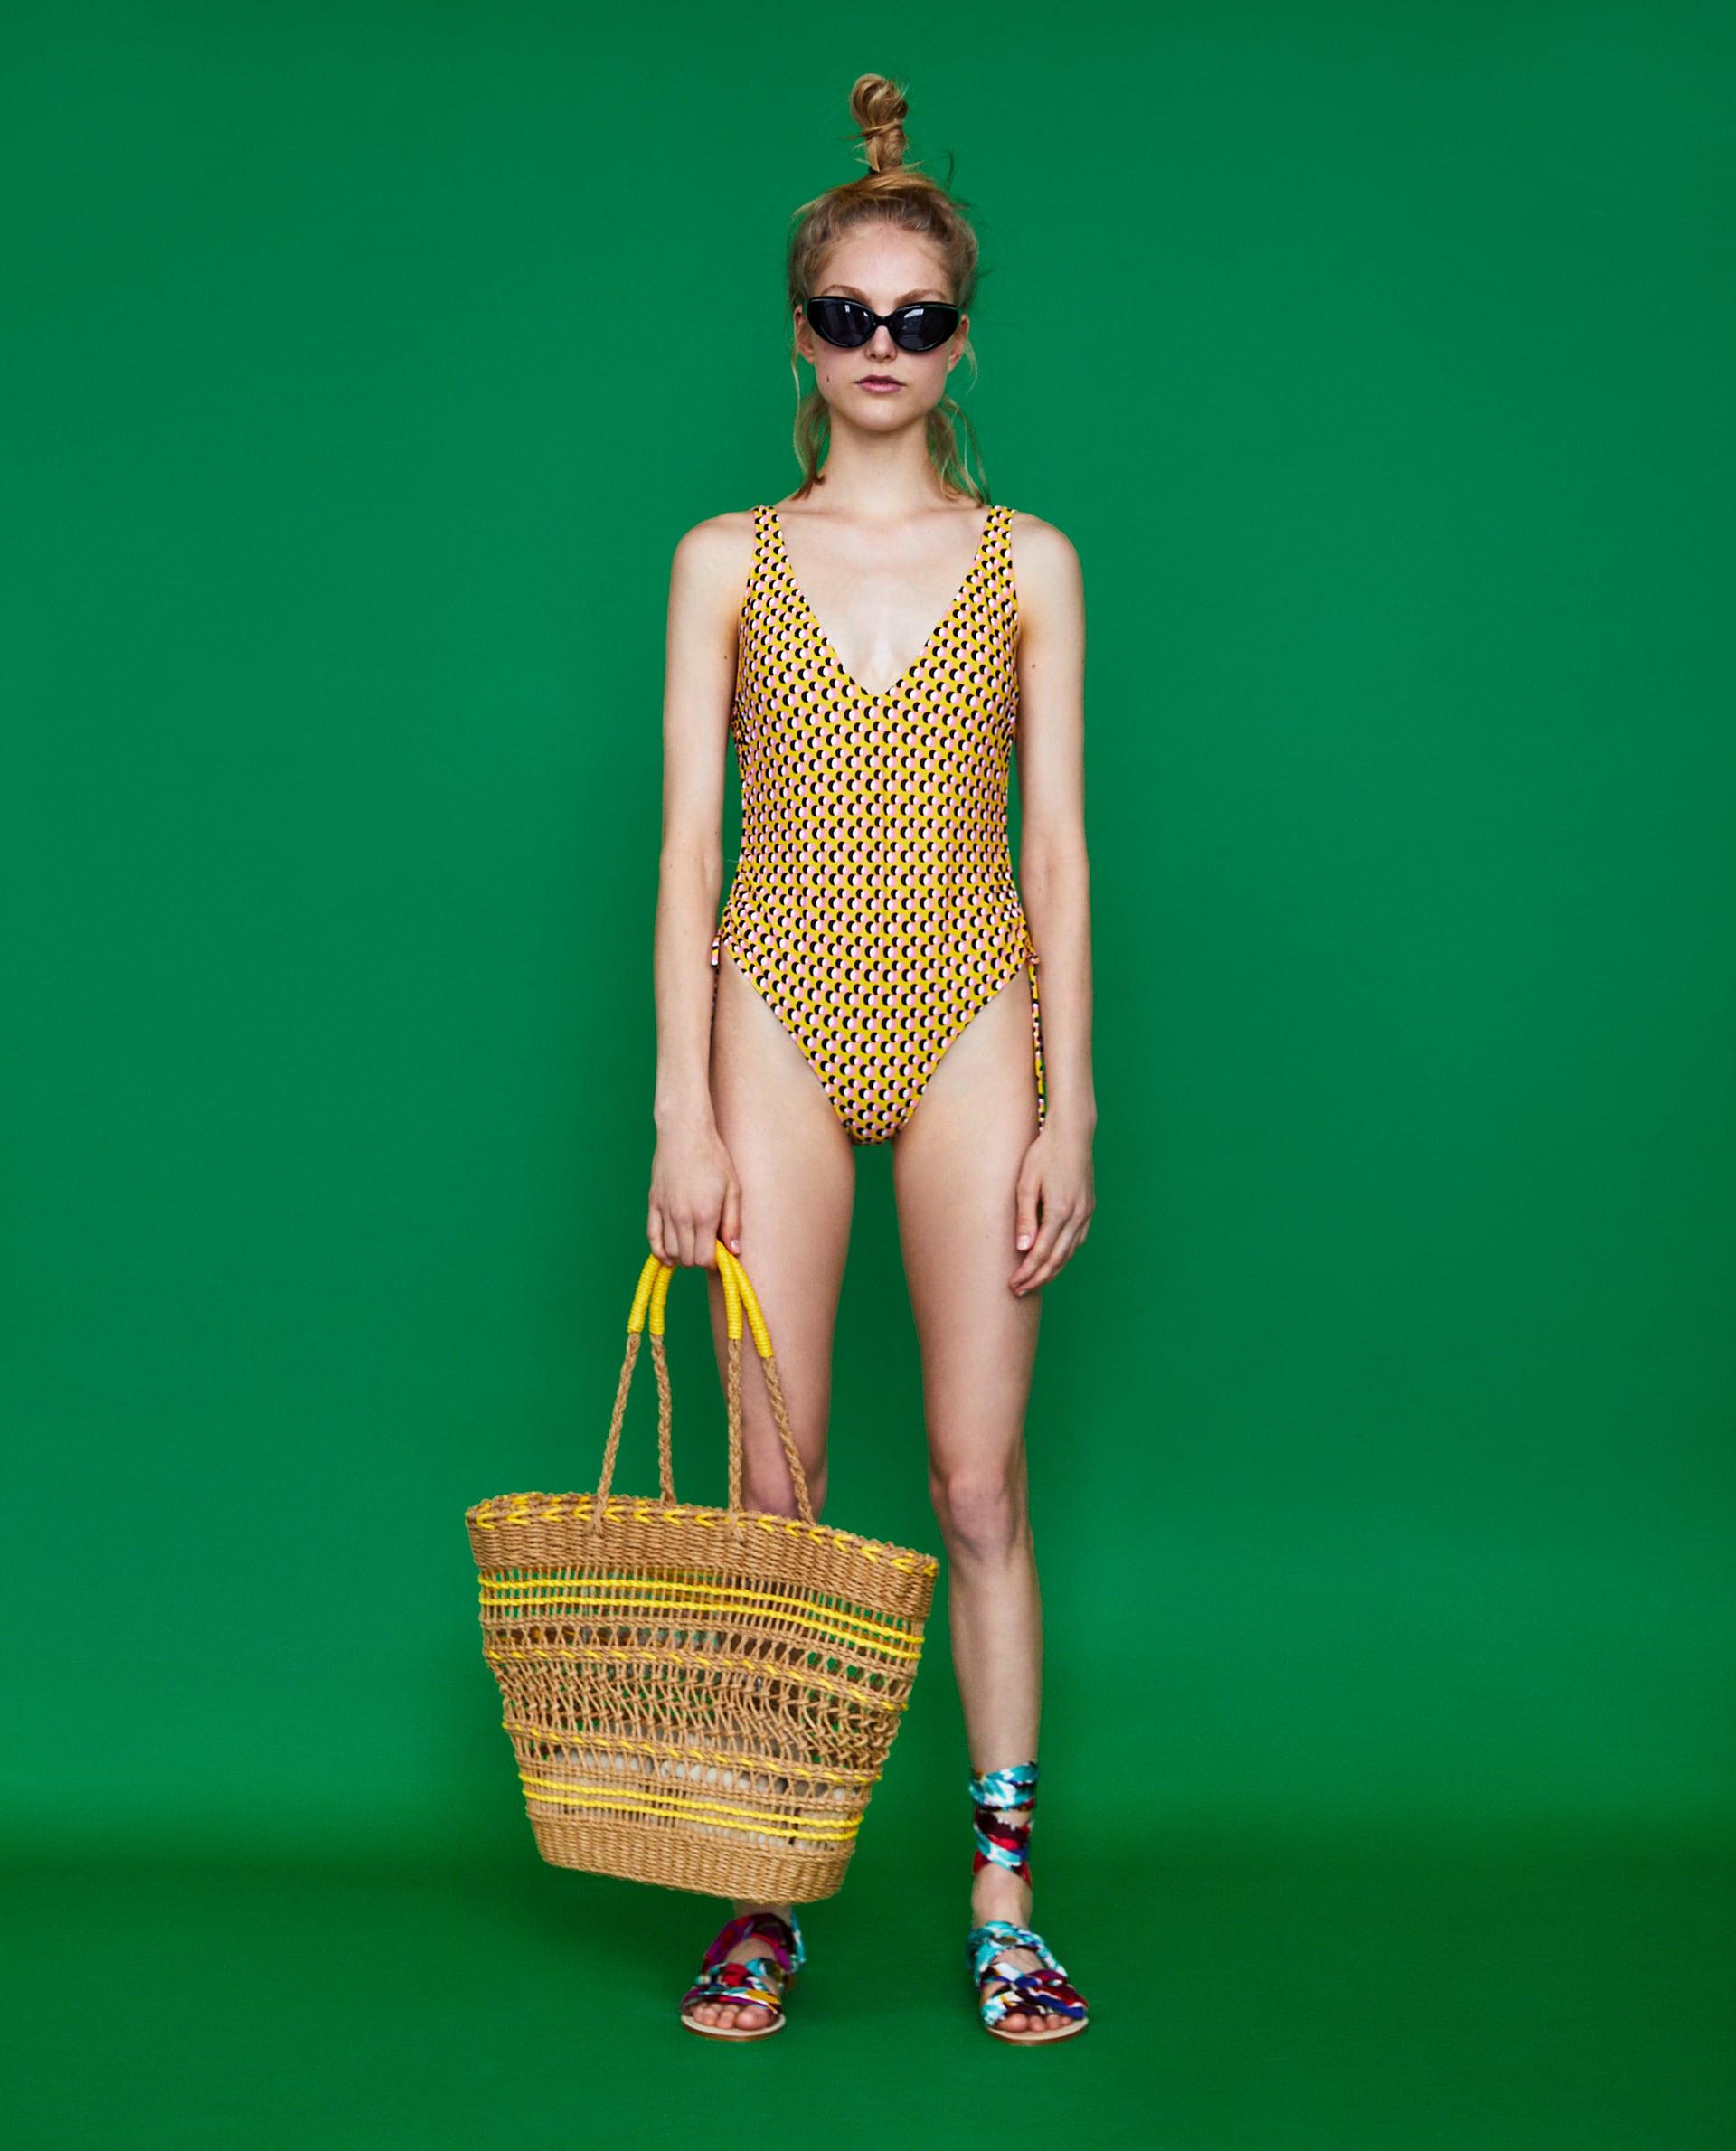 sarga_pottyos_mintas_egyreszes_furdoruha_nyar_nyaralas_strandszezon_furdoruha_divat_divatblog_fashion_blog.jpg